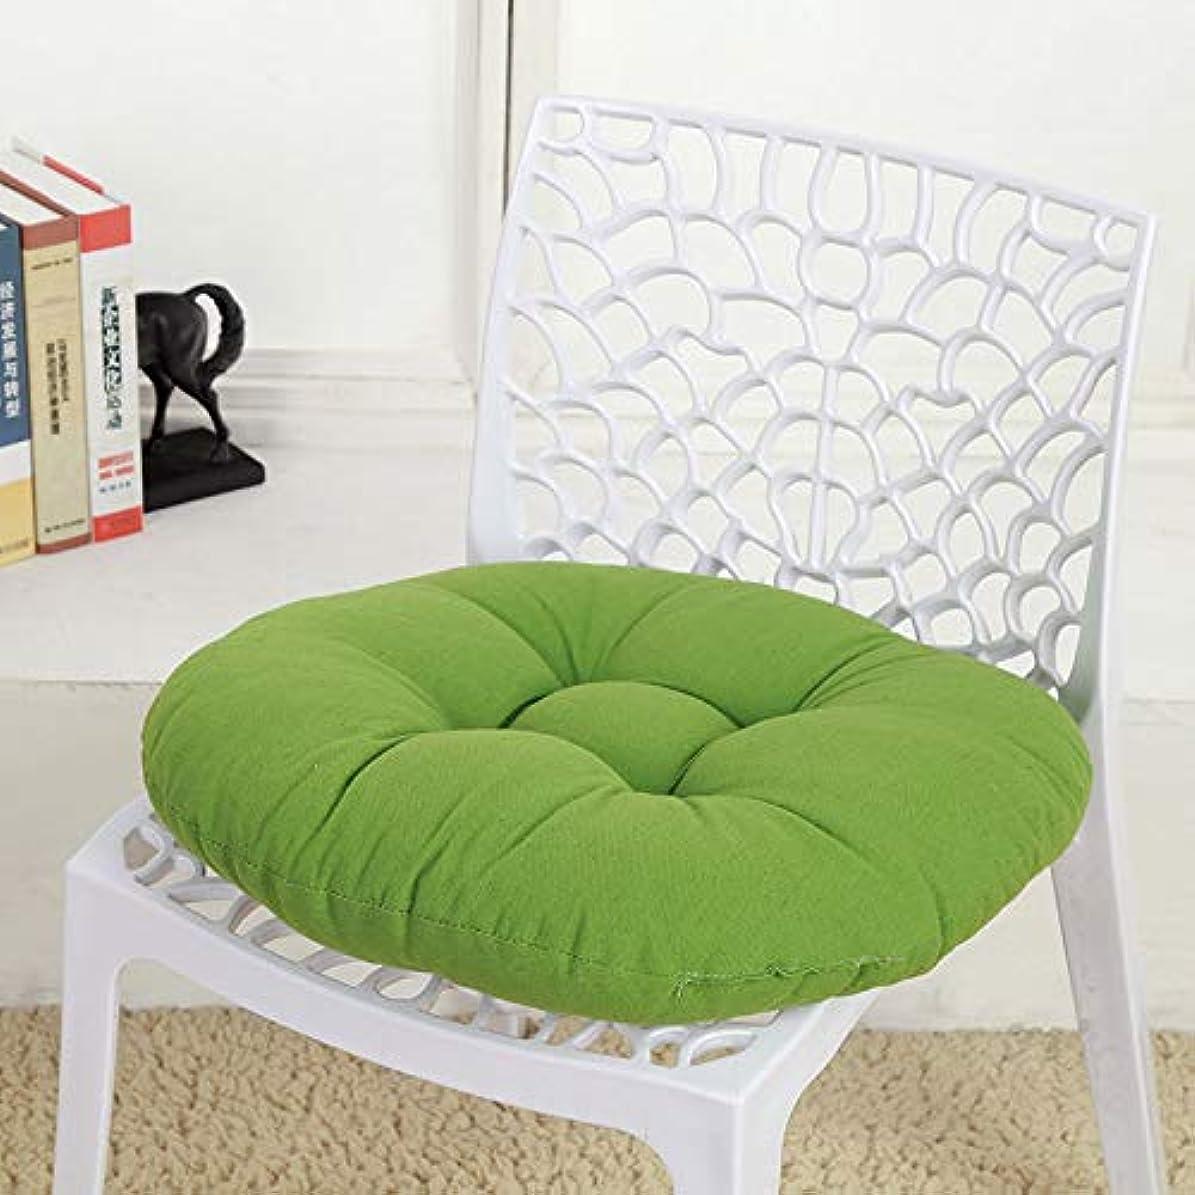 アルカイックキルト平和なLIFE キャンディカラーのクッションラウンドシートクッション波ウィンドウシートクッションクッション家の装飾パッドラウンド枕シート枕椅子座る枕 クッション 椅子